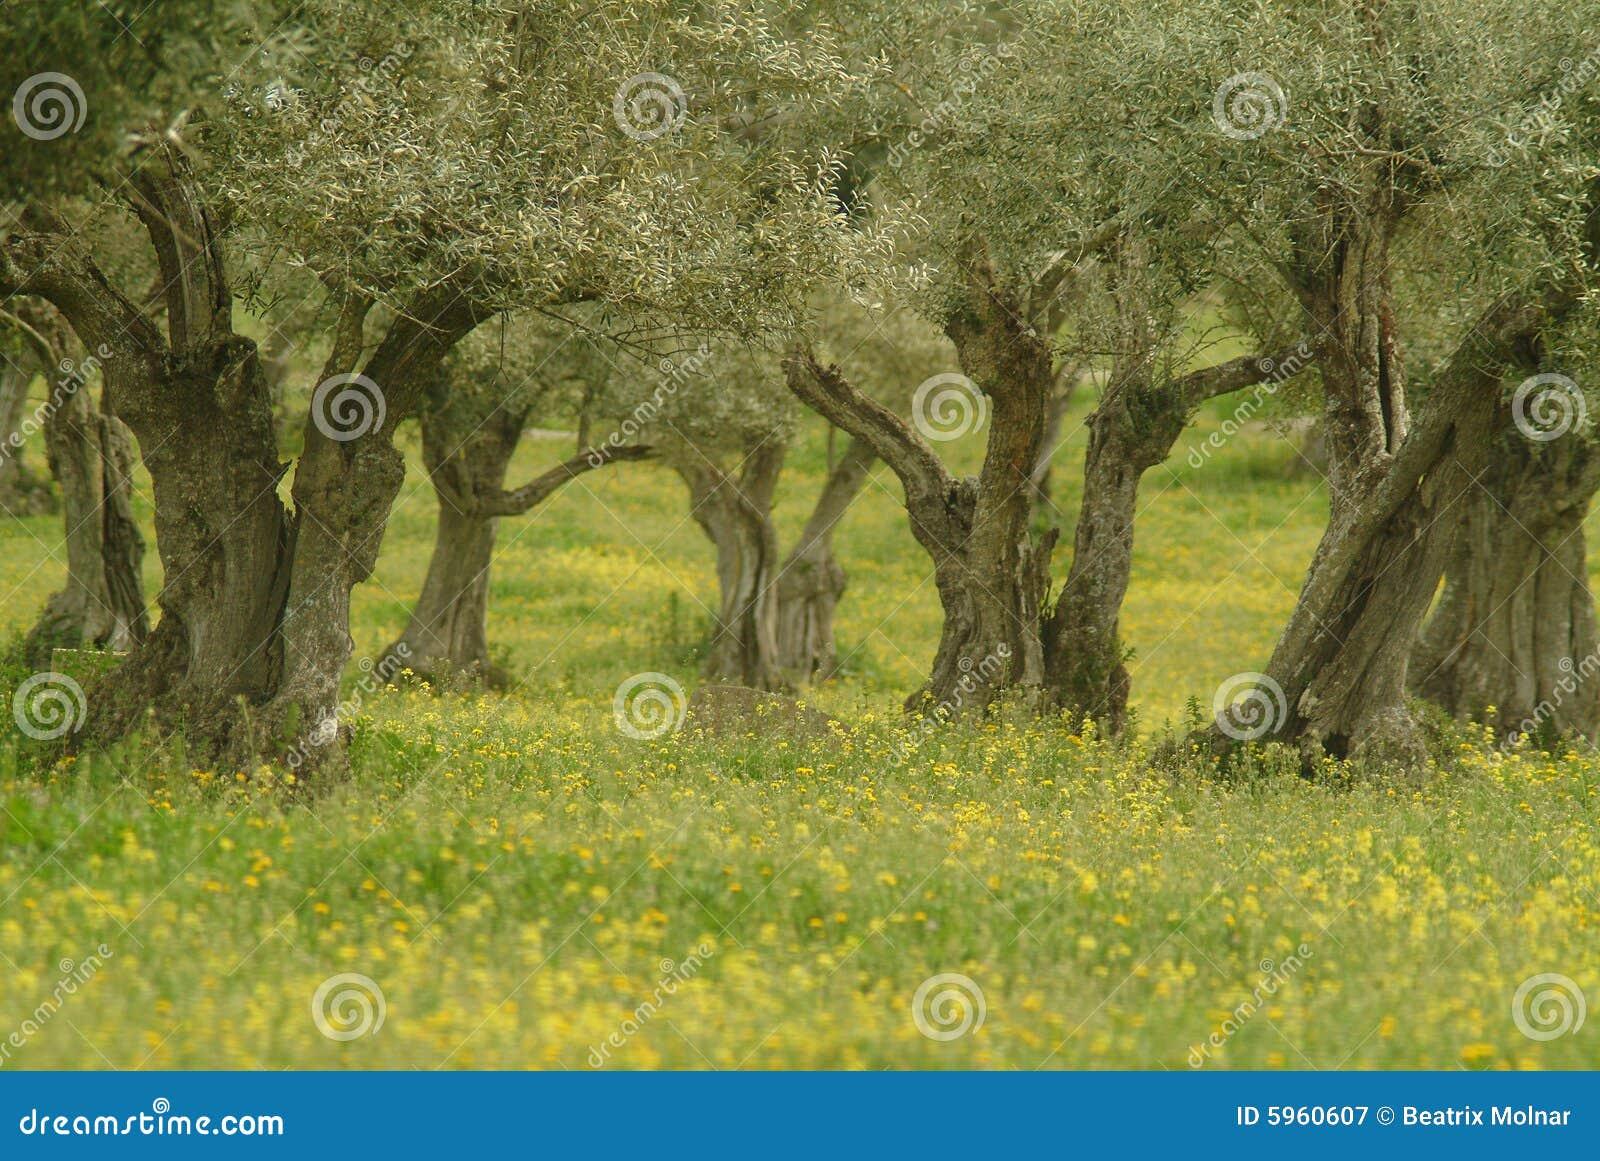 Di olivo immagine stock immagine di oliva coltivi fiori for Acquisto piante olivo